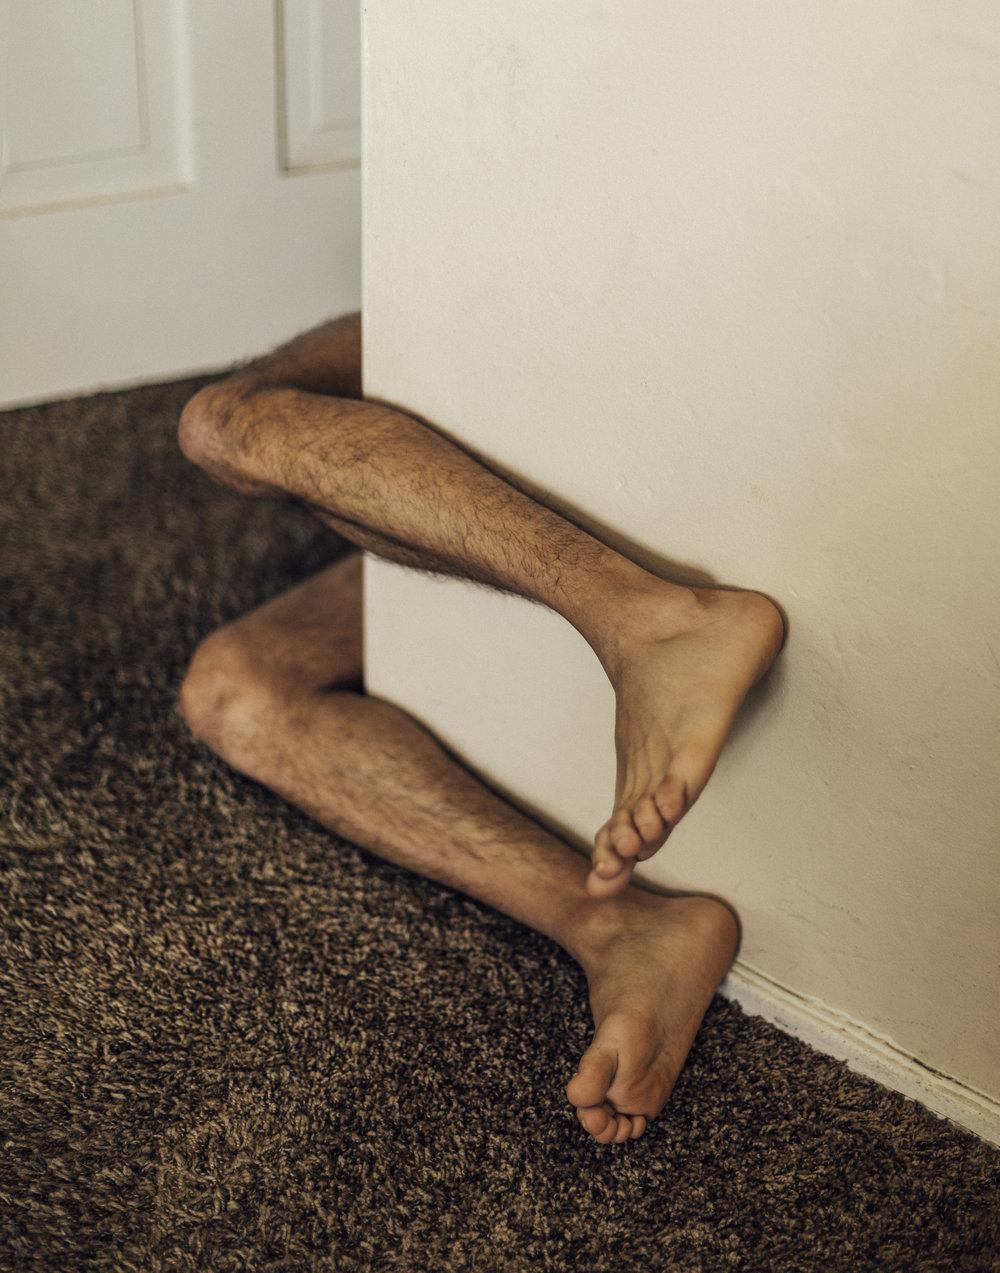 foot thing.jpg